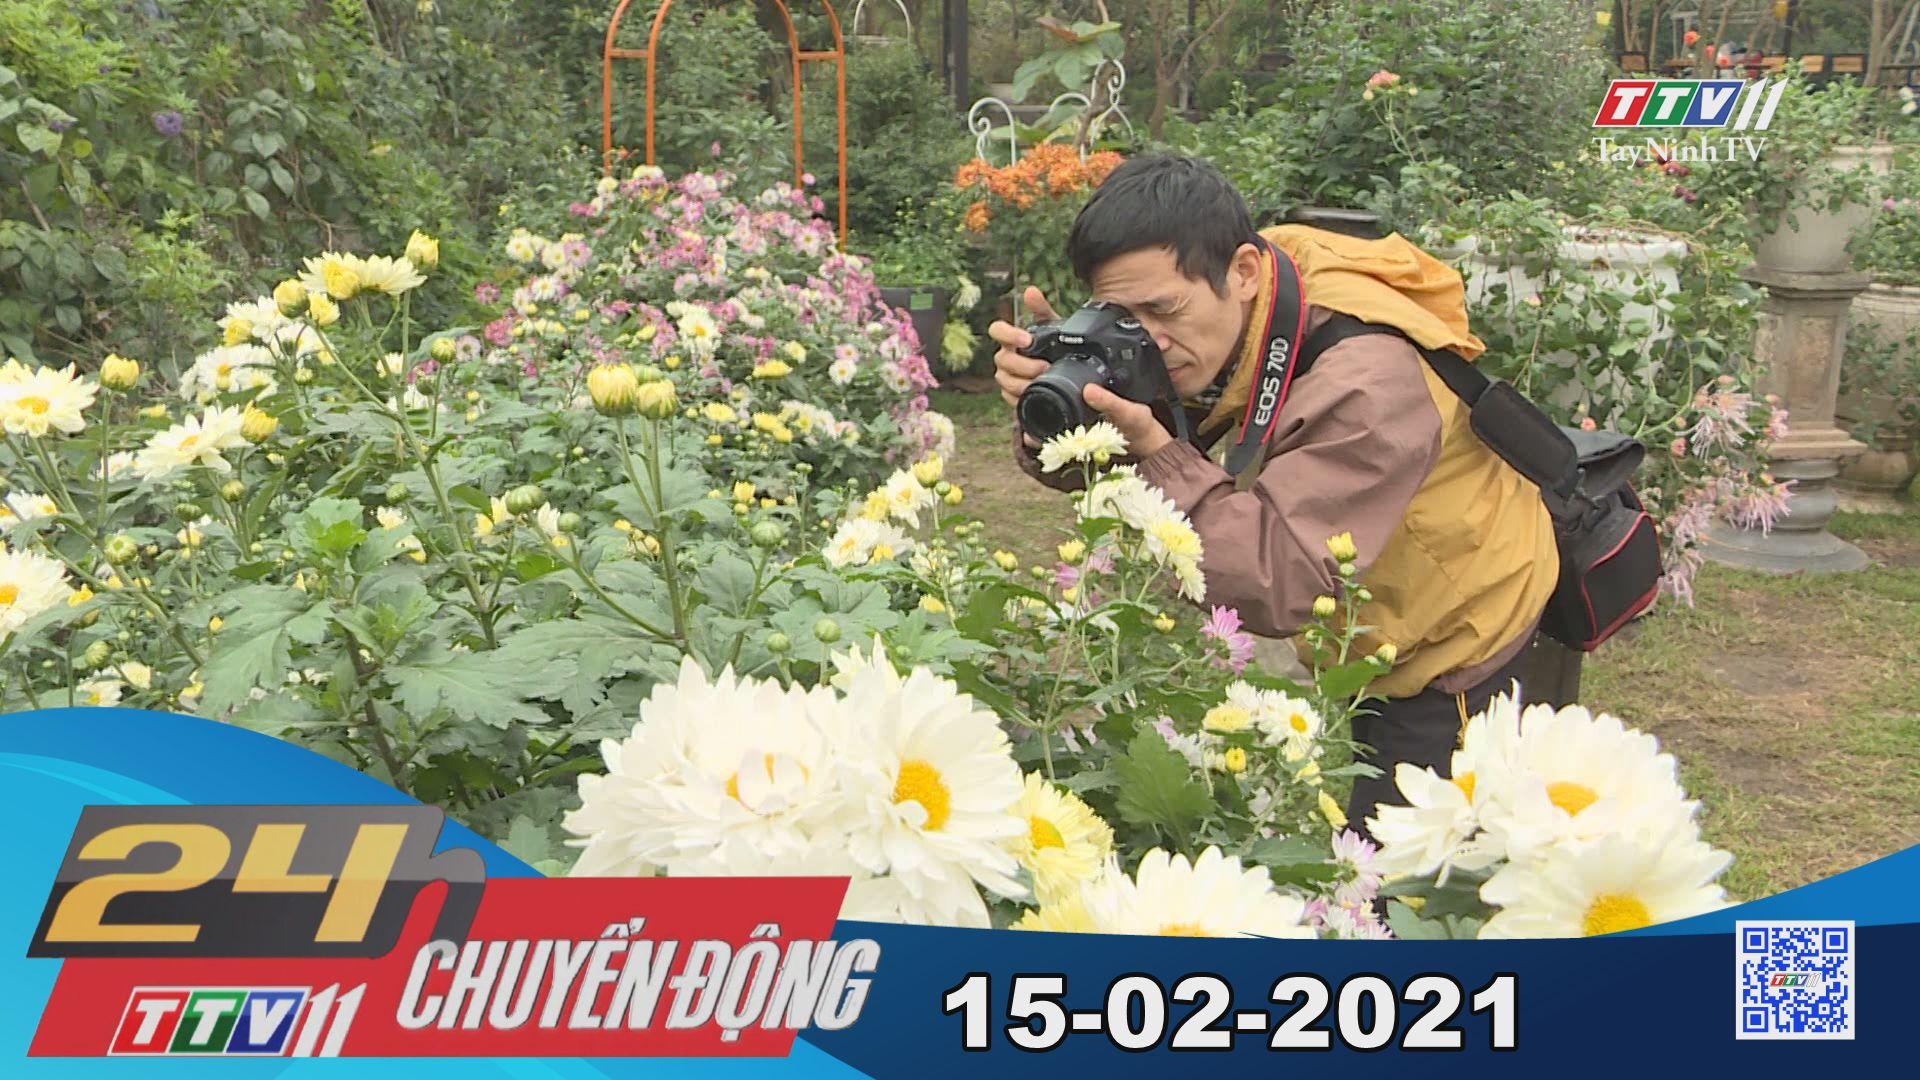 24h Chuyển động 15-02-2021   Tin tức hôm nay   TayNinhTV